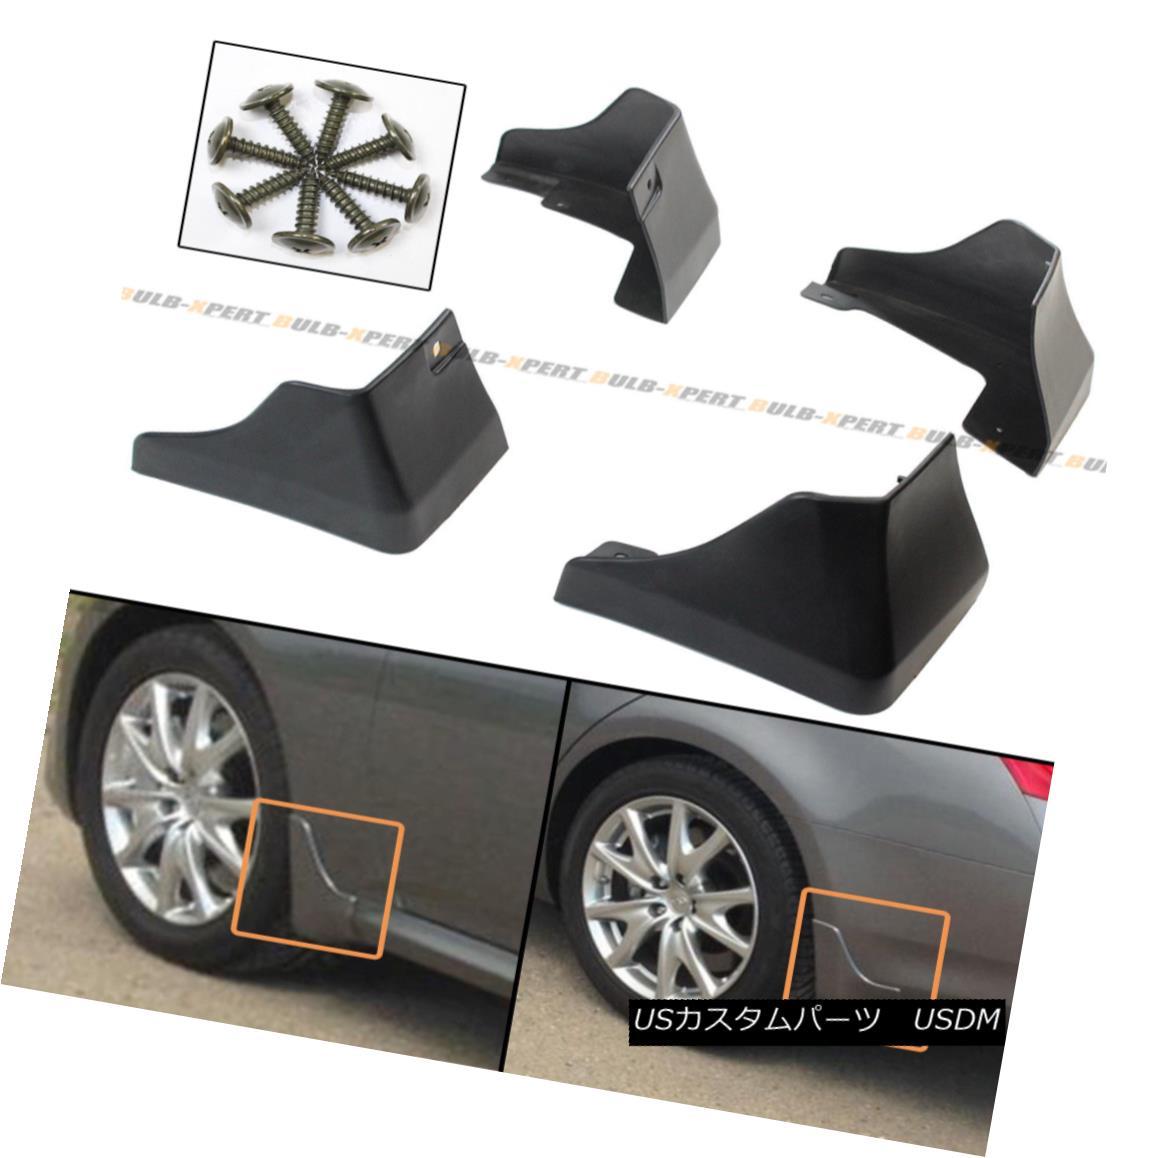 エアロパーツ For 2014-18 Infiniti Q50 Q50S OE Style 4pc Front & Rear Splash Mud Flaps Guards 2014-18インフィニティQ50 Q50S OEスタイル4pcフロント& リアスプラッシュマッドフラップガード